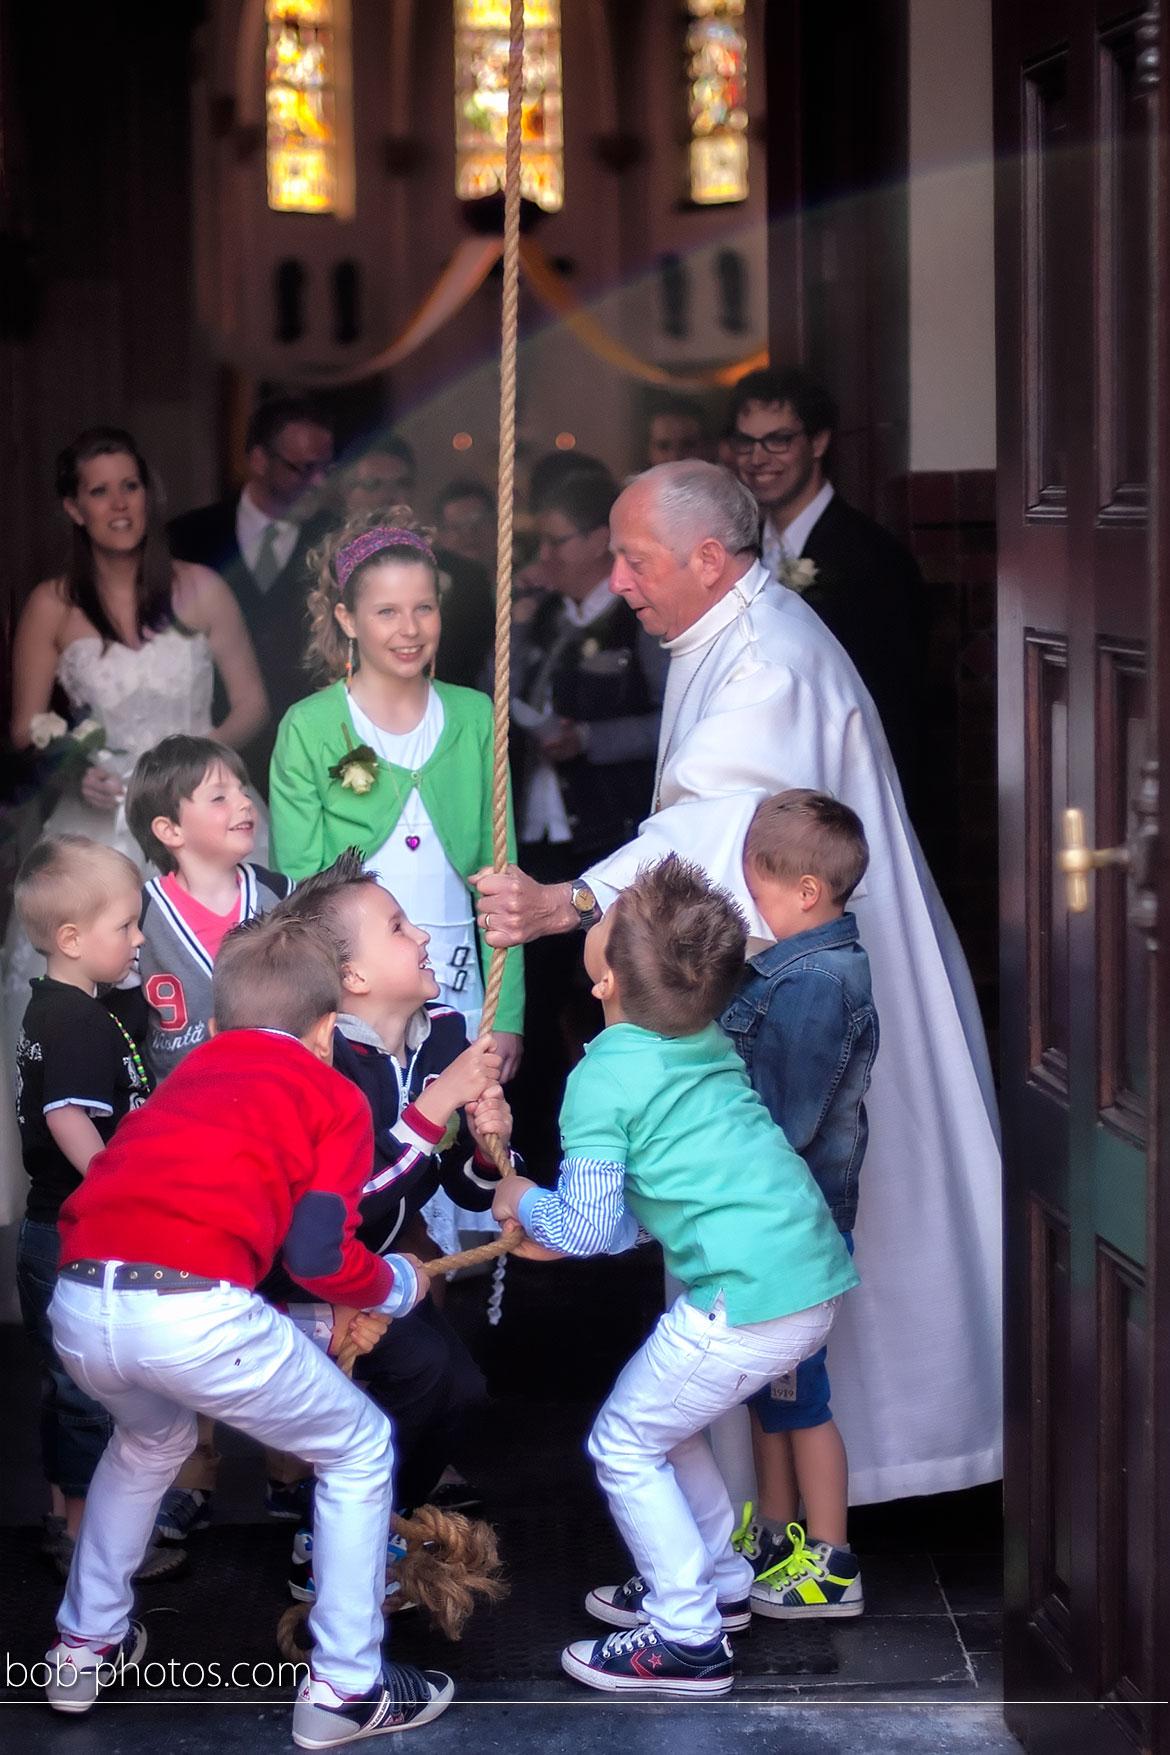 Bruidskinderen in de kerk